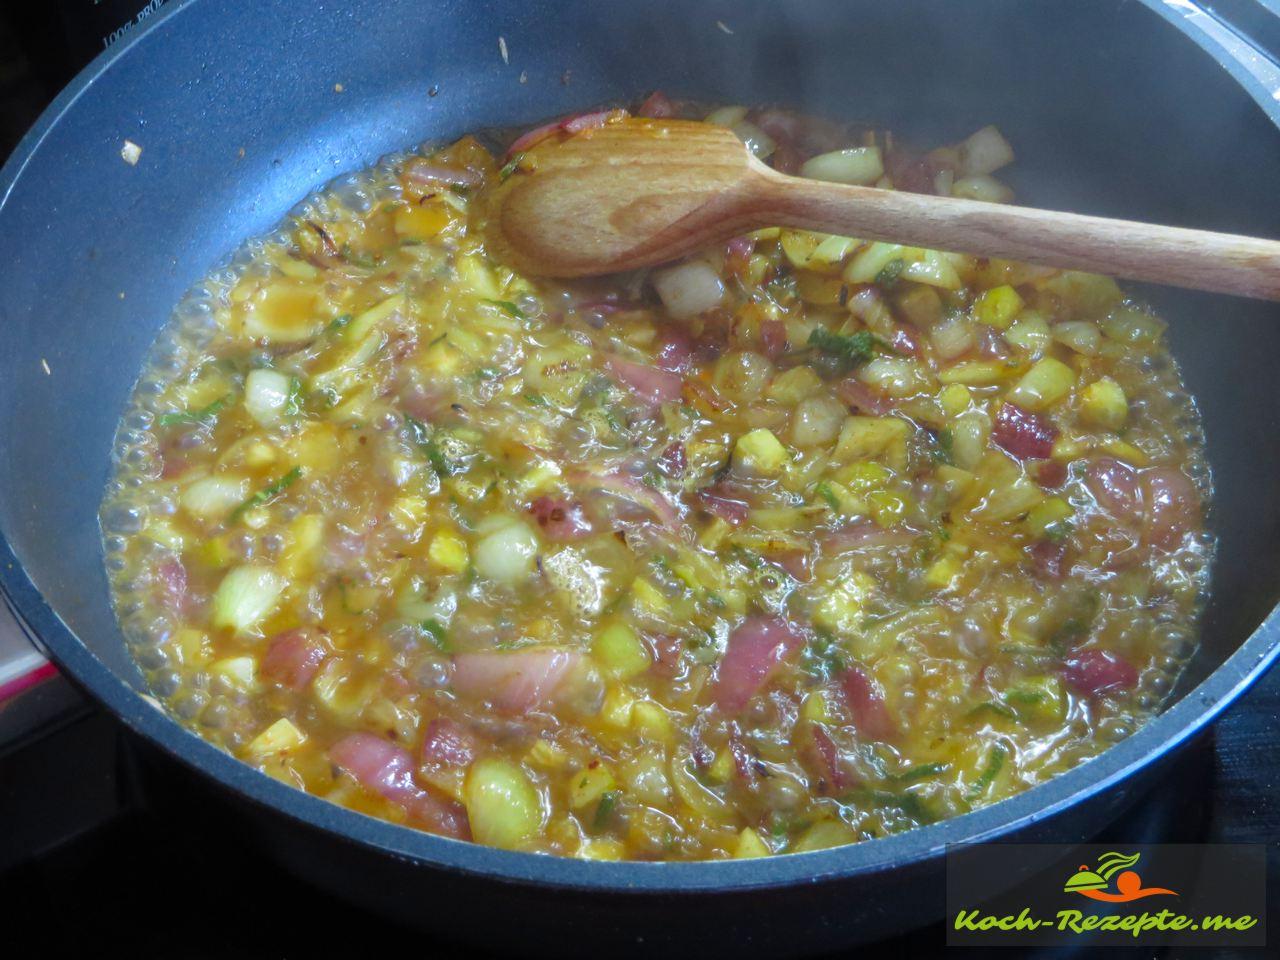 Die Mischung wird mit Wein und Wasser abgelöscht und ein wenig eingekocht